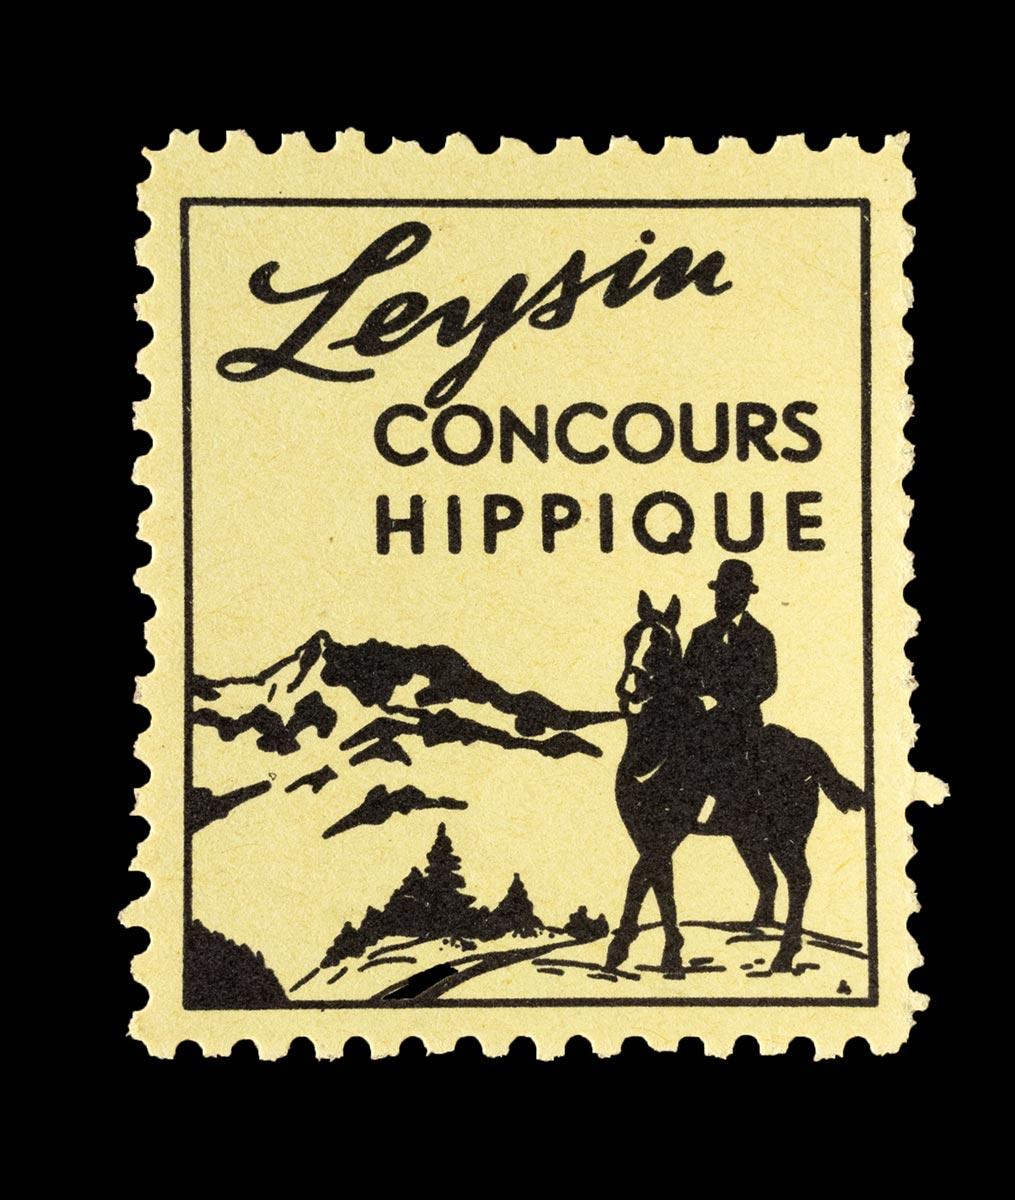 Timbre. Concours hippique à Leysin